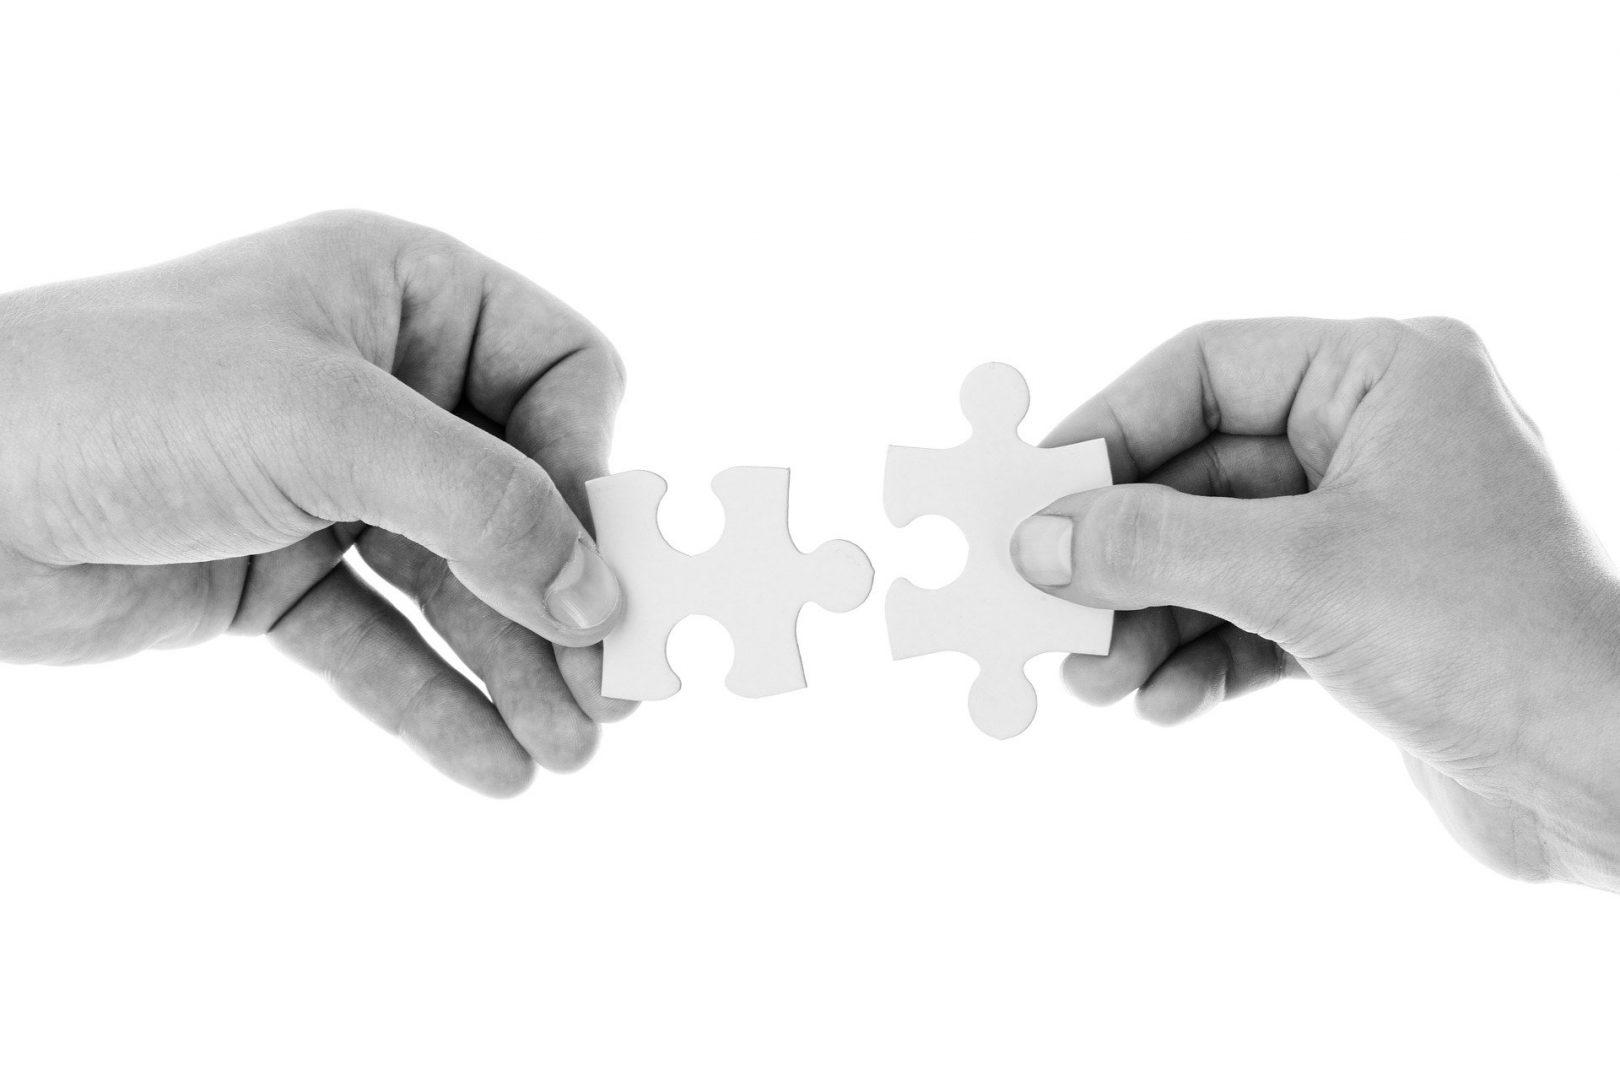 hands jigsaw